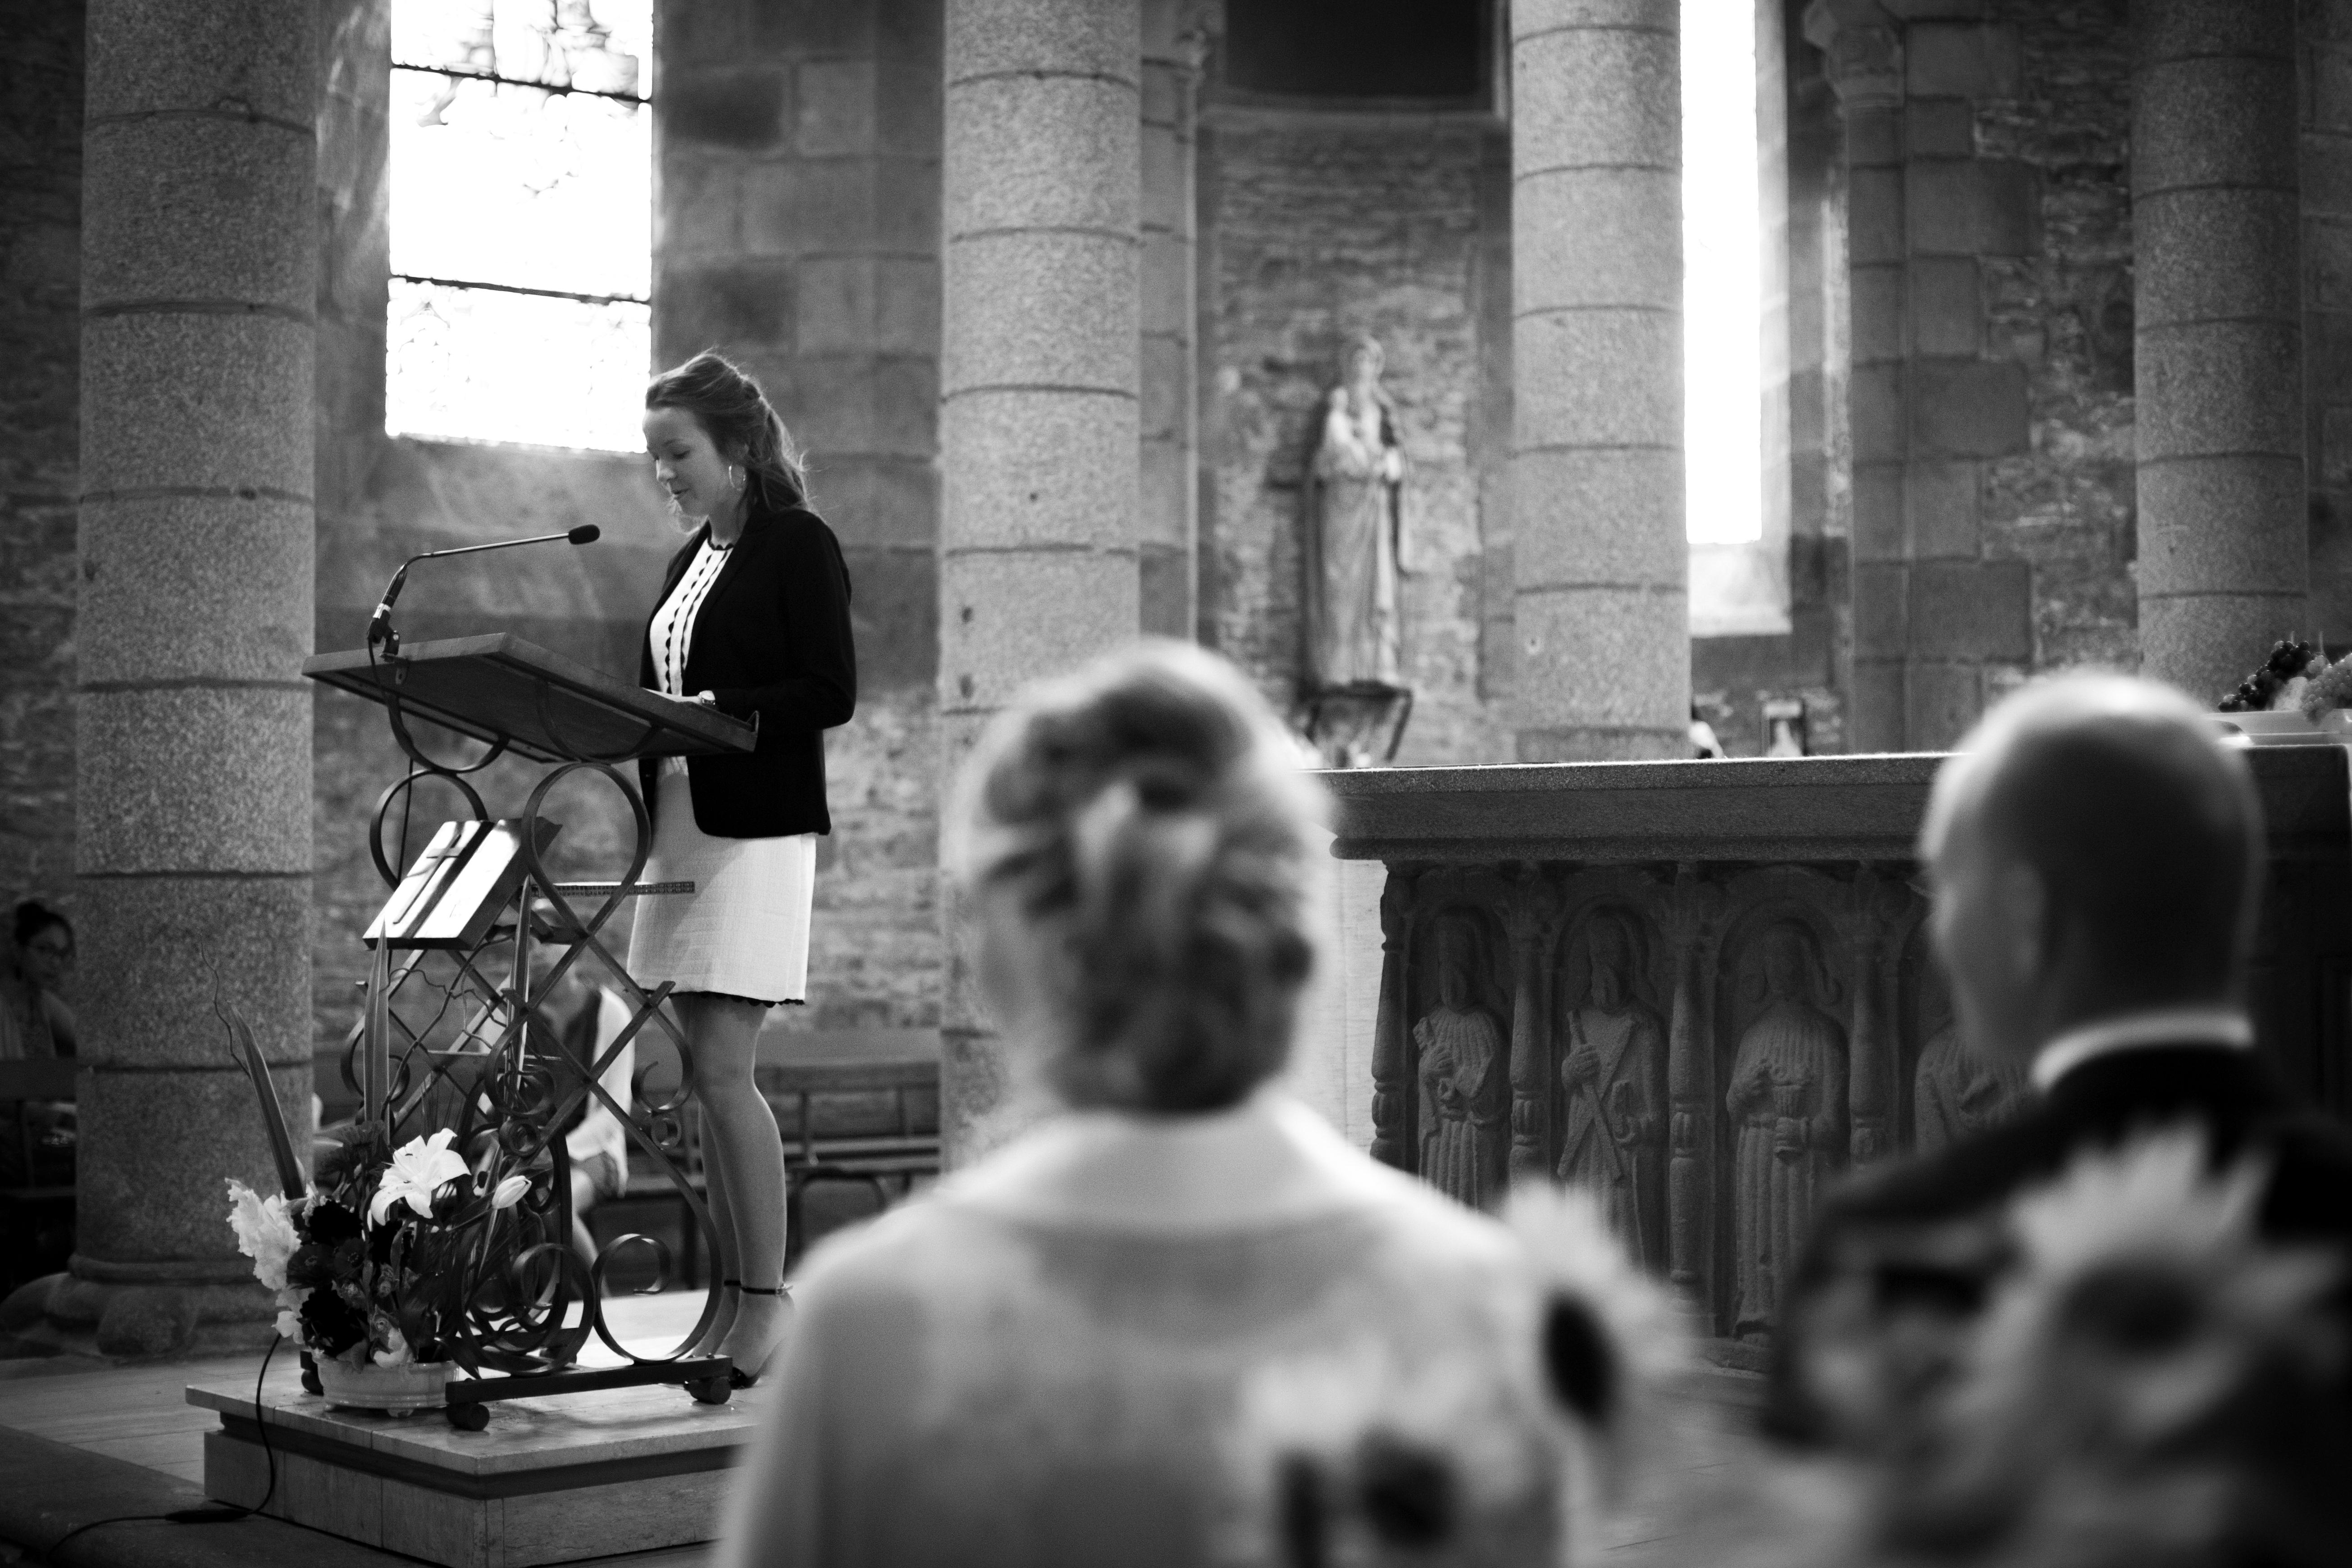 Discours d'une témoin lors d'un mariage religieux à Brest